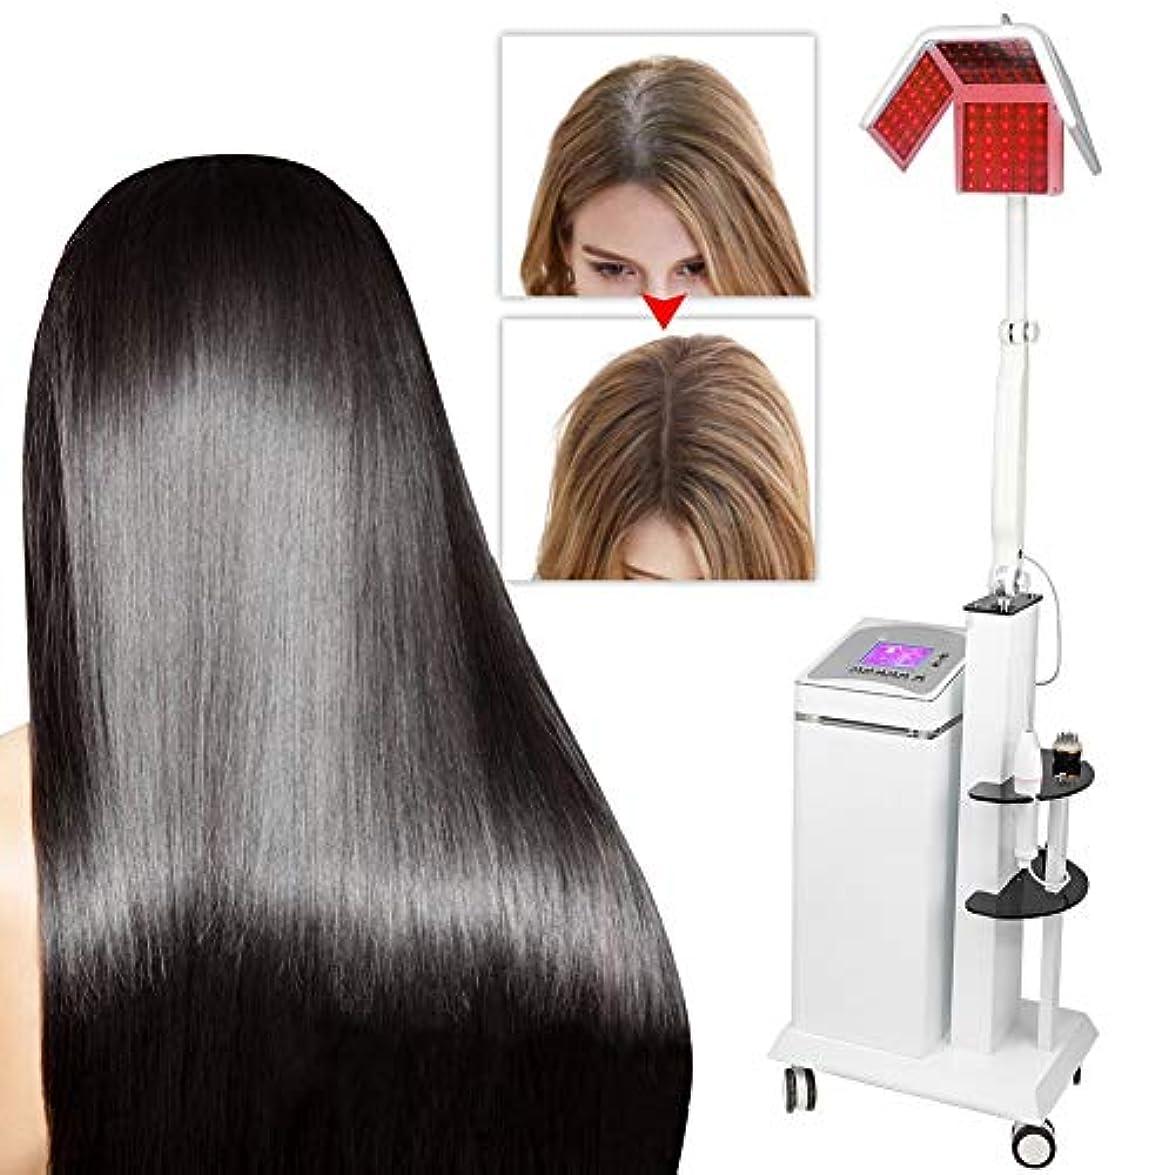 アーカイブヒョウバッジ髪の成長システム薄毛の男性と女性のためのプロフェッショナル脱毛ソリューションマシンヘアケア機器